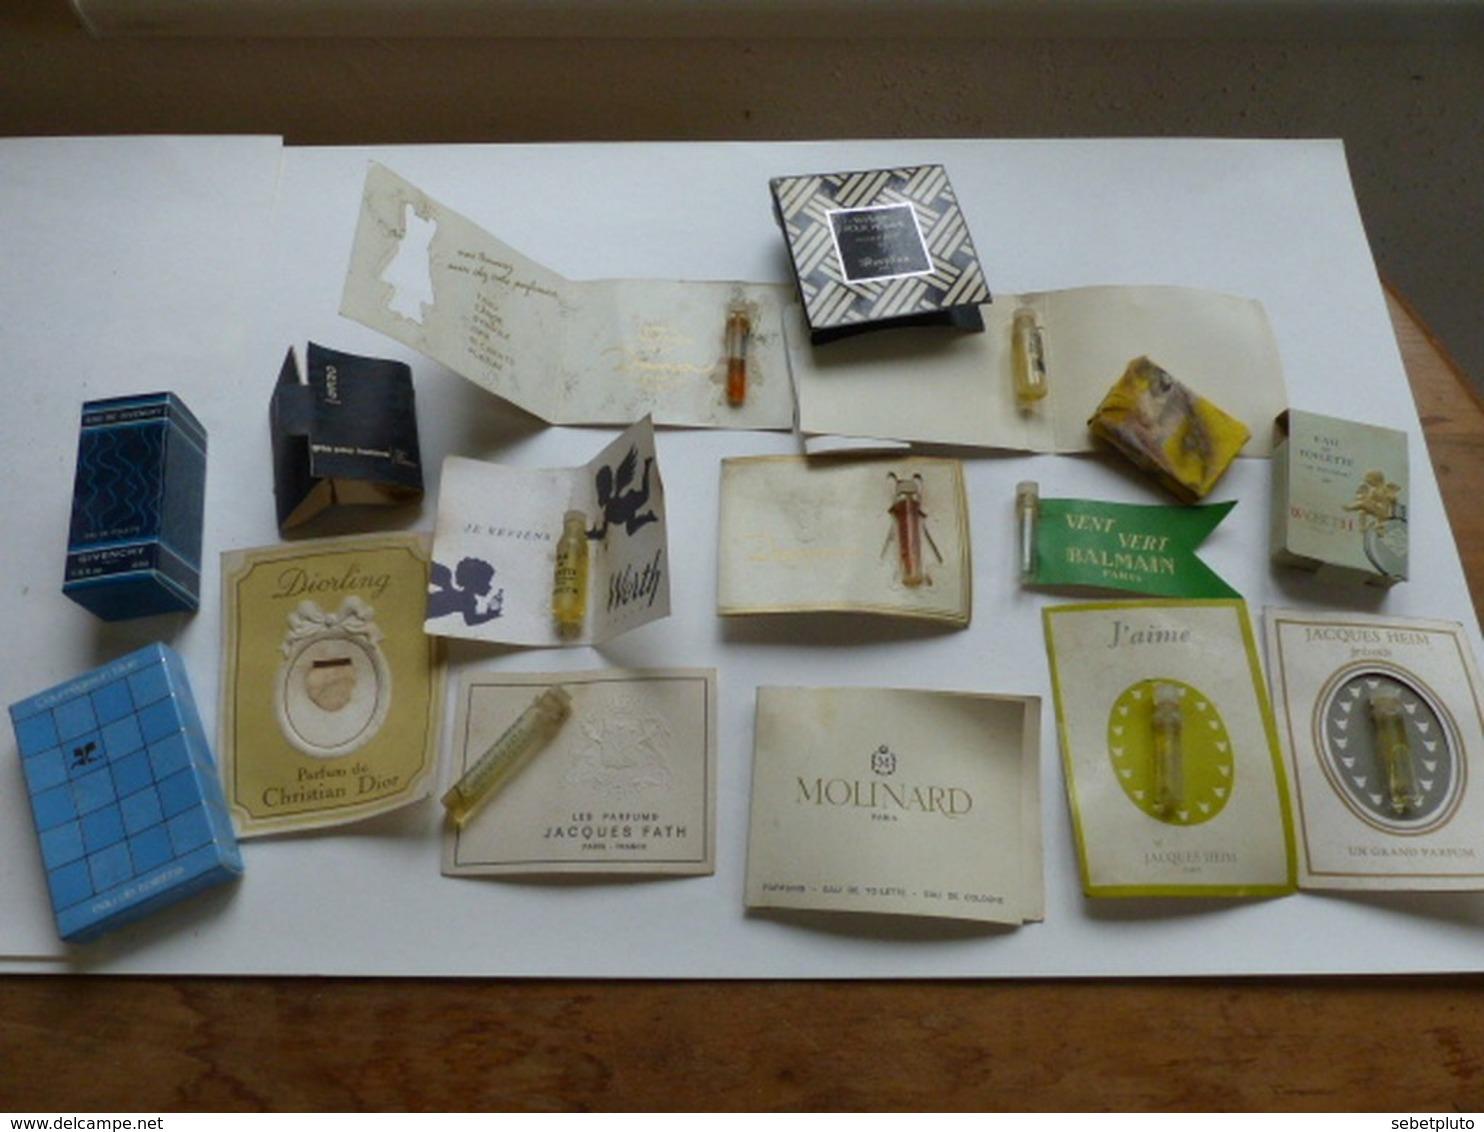 Echantillon Parfum Publicité Fath Worth Dior Balmain Etc.... - Miniatures De Parfum